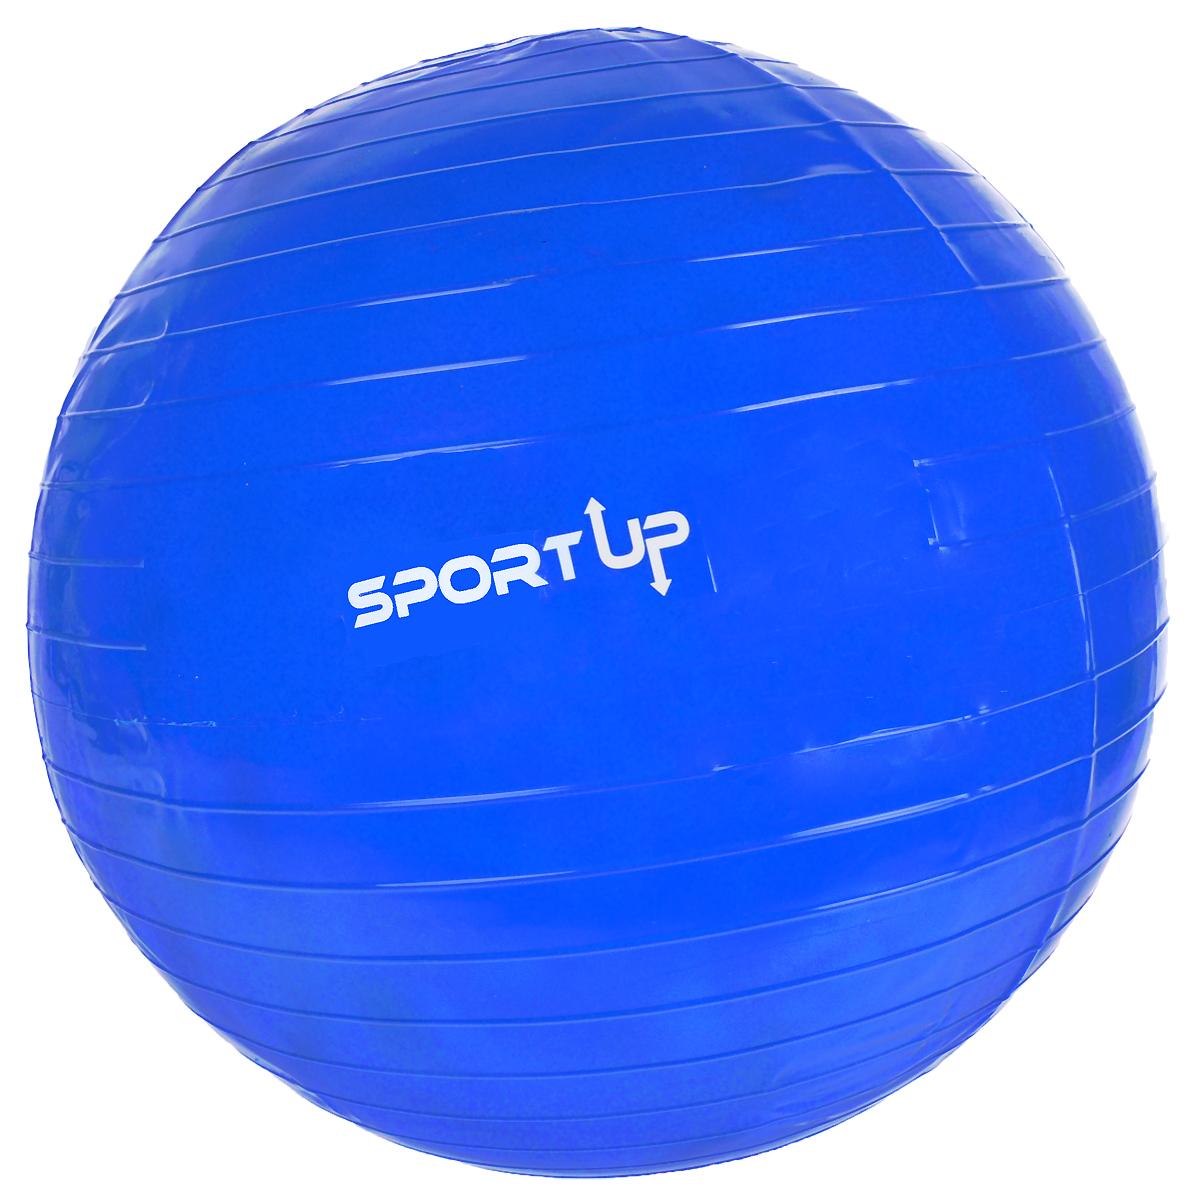 Фитбол Sport UP, цвет: голубой, диаметр 65 смIR97402/65Фитбол Sport UP, изготовленный из полимерных материалов, идеально подходит для упражнений на растяжку, укрепляющих и тонизирующих упражнений. Не важно новичок вы или опытный спортсмен, фитбол позволяет повысить эффективность ваших тренировок.Насос в комплекте.Максимальный вес пользователя: 100 кг.Максимальная статическая нагрузка: 250 кг.